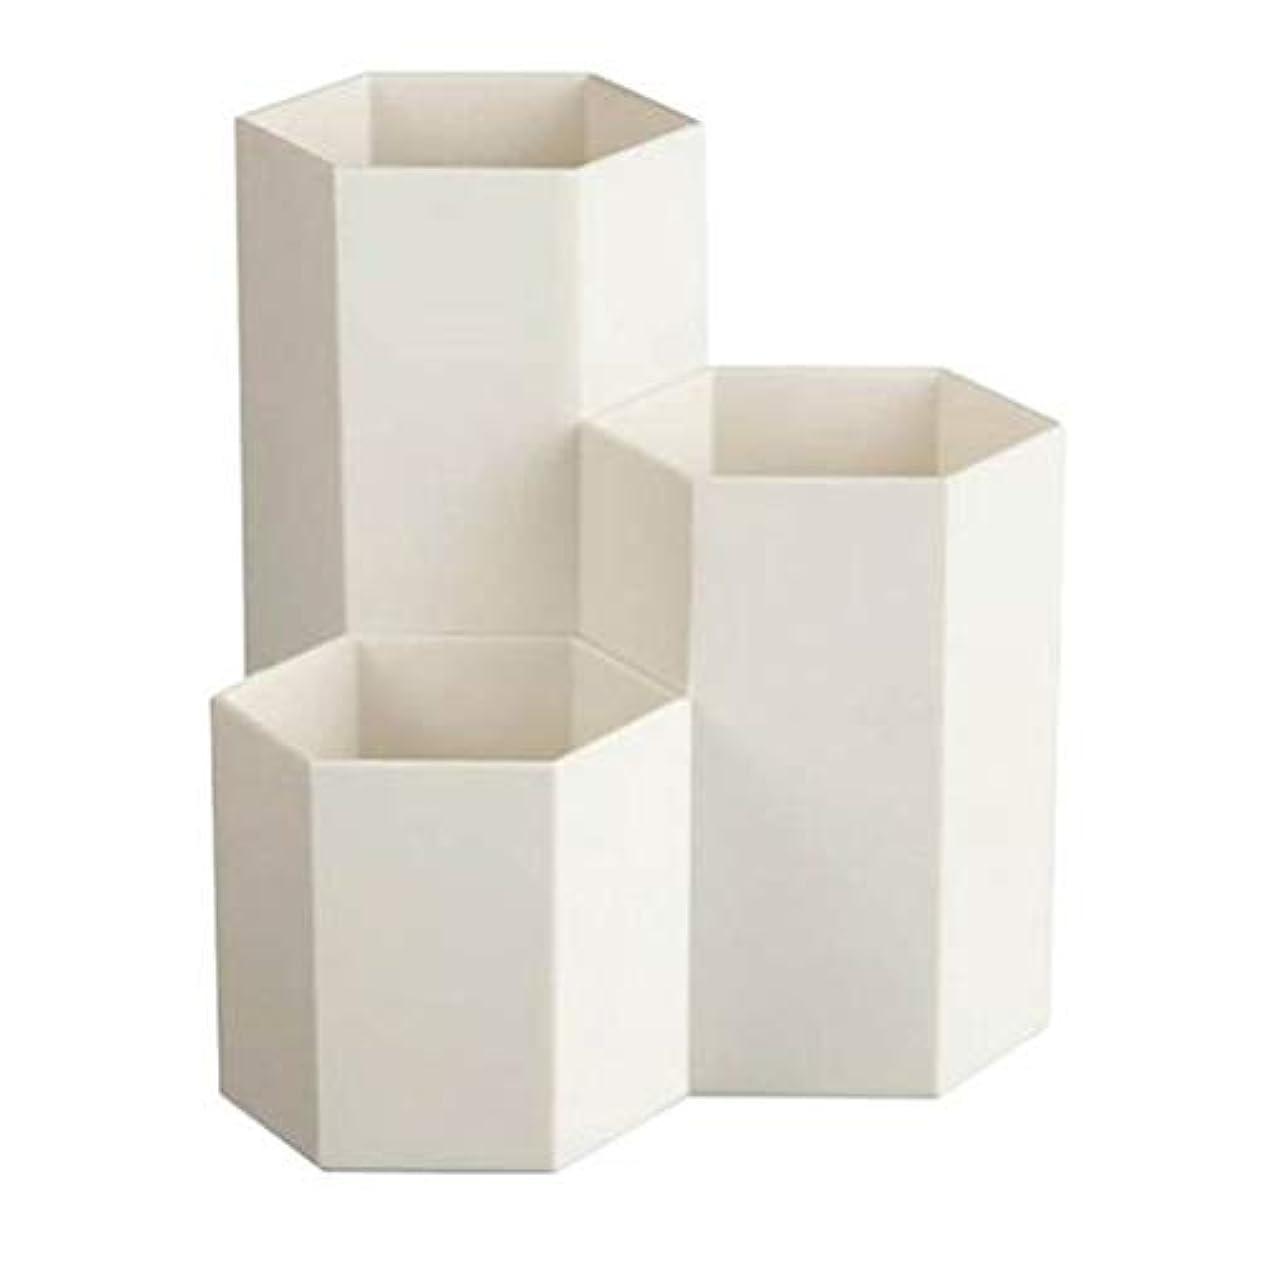 ネクタイ荷物話TerGOOSE 卓上収納ケース メイクブラシケース メイクブラシスタンド メイクブラシ収納ボックス メイクケース ペンホルダー 卓上文房具収納ボックス ペン立て 文房具 おしゃれ 六角 3つのグリッド 大容量 ホワイト